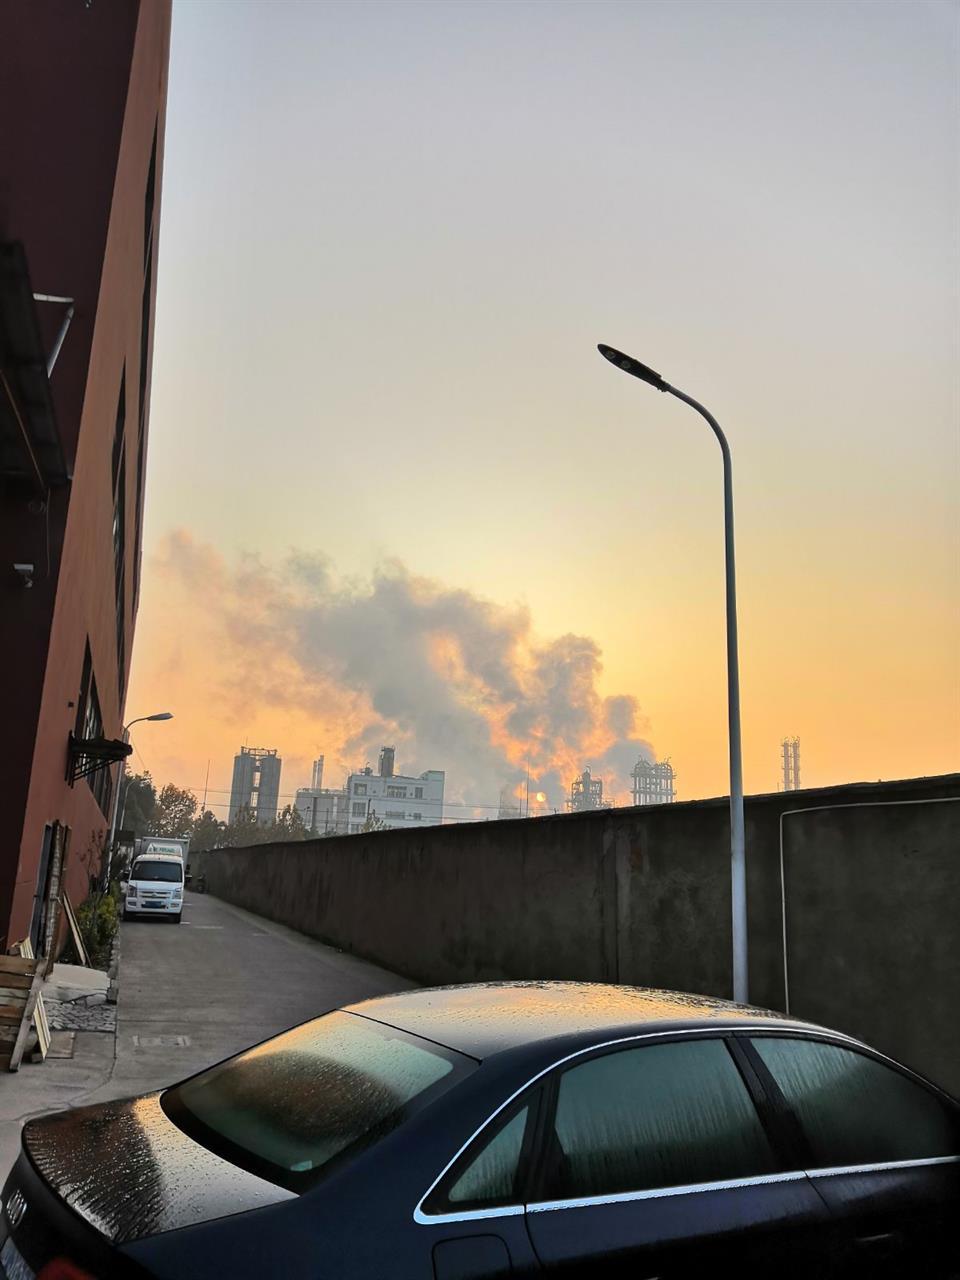 柯桥垫底越城更差!1-7月绍兴空气质量状况通报出炉